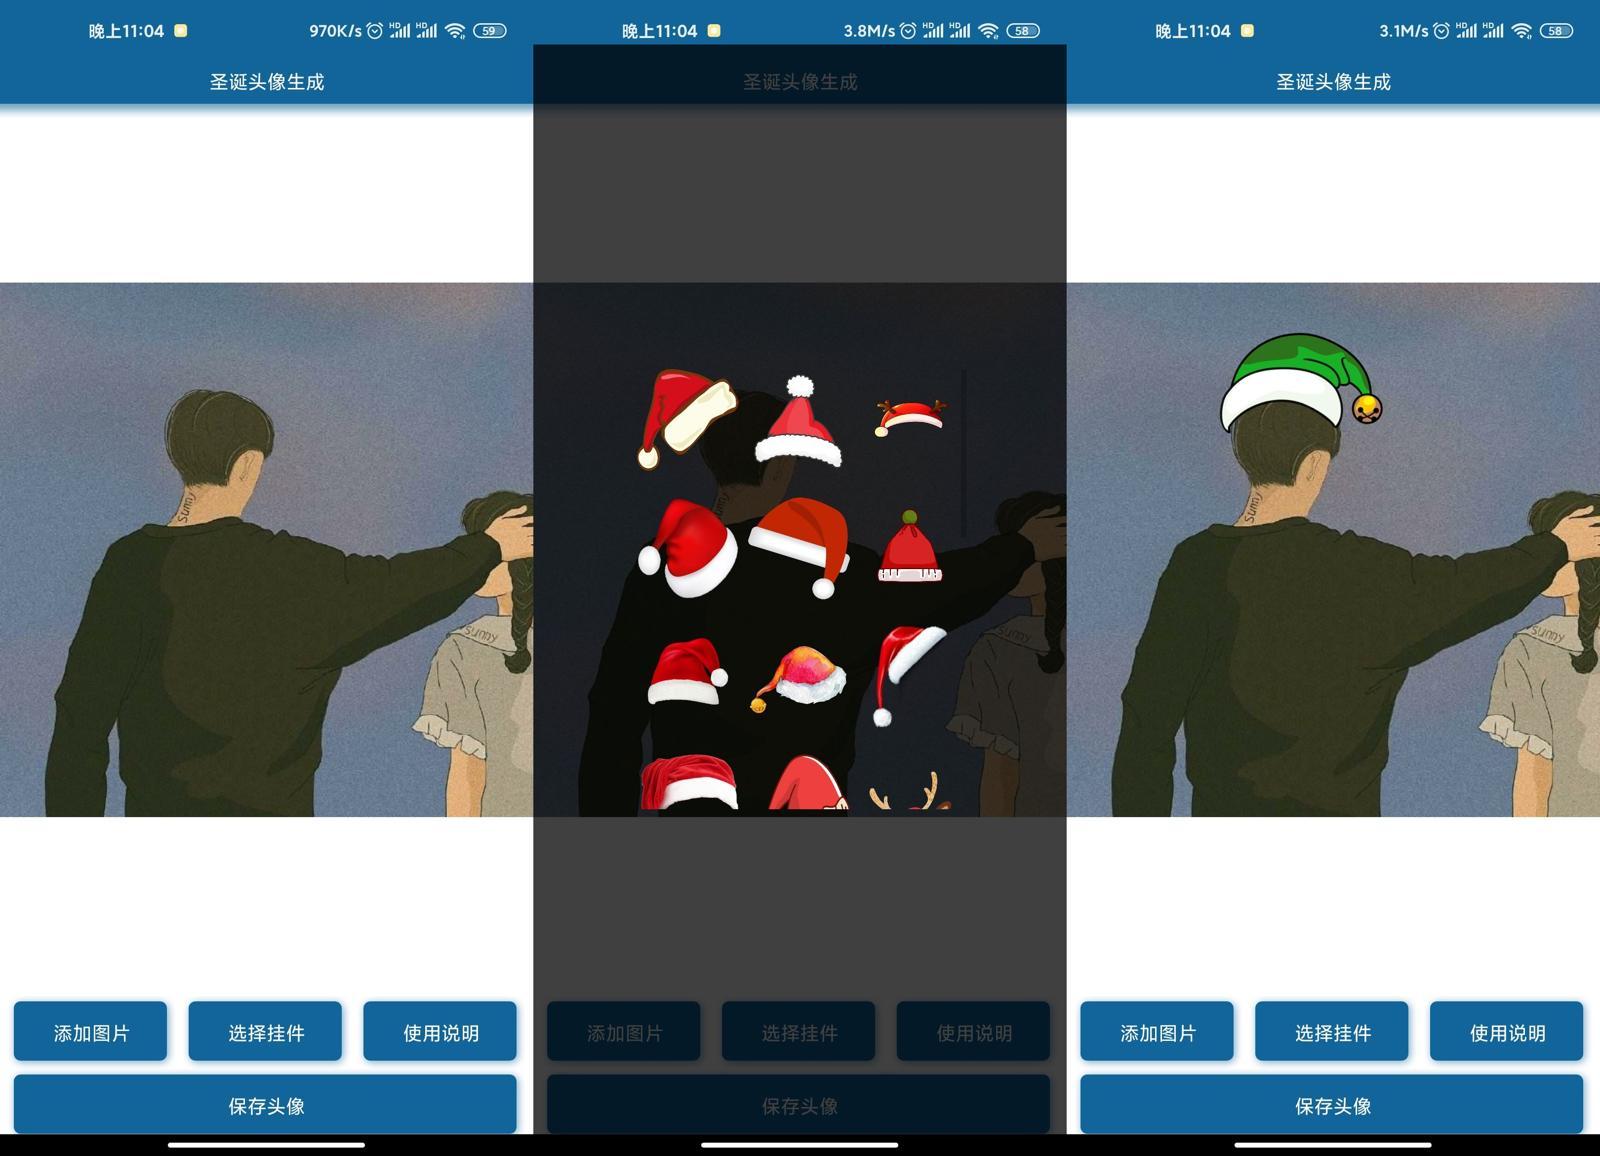 安卓圣诞节头像一键生成v1.0